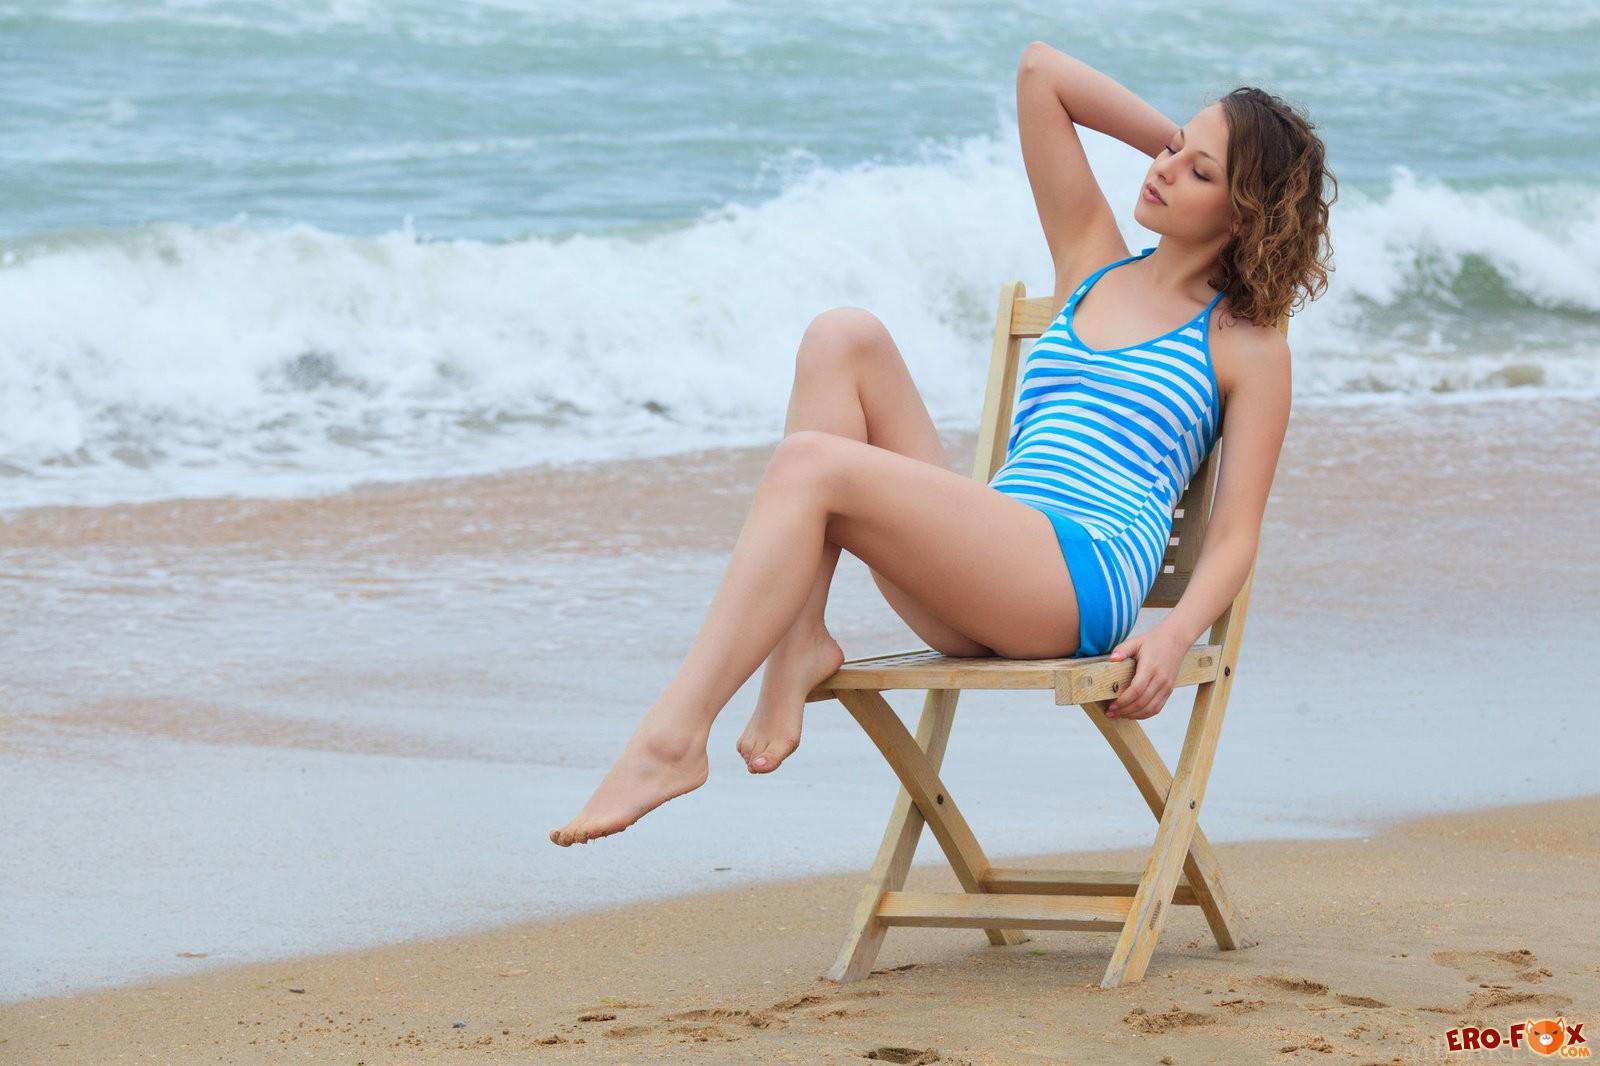 Голая девушка на пляже в Крымусмотреть ню фото эротику.